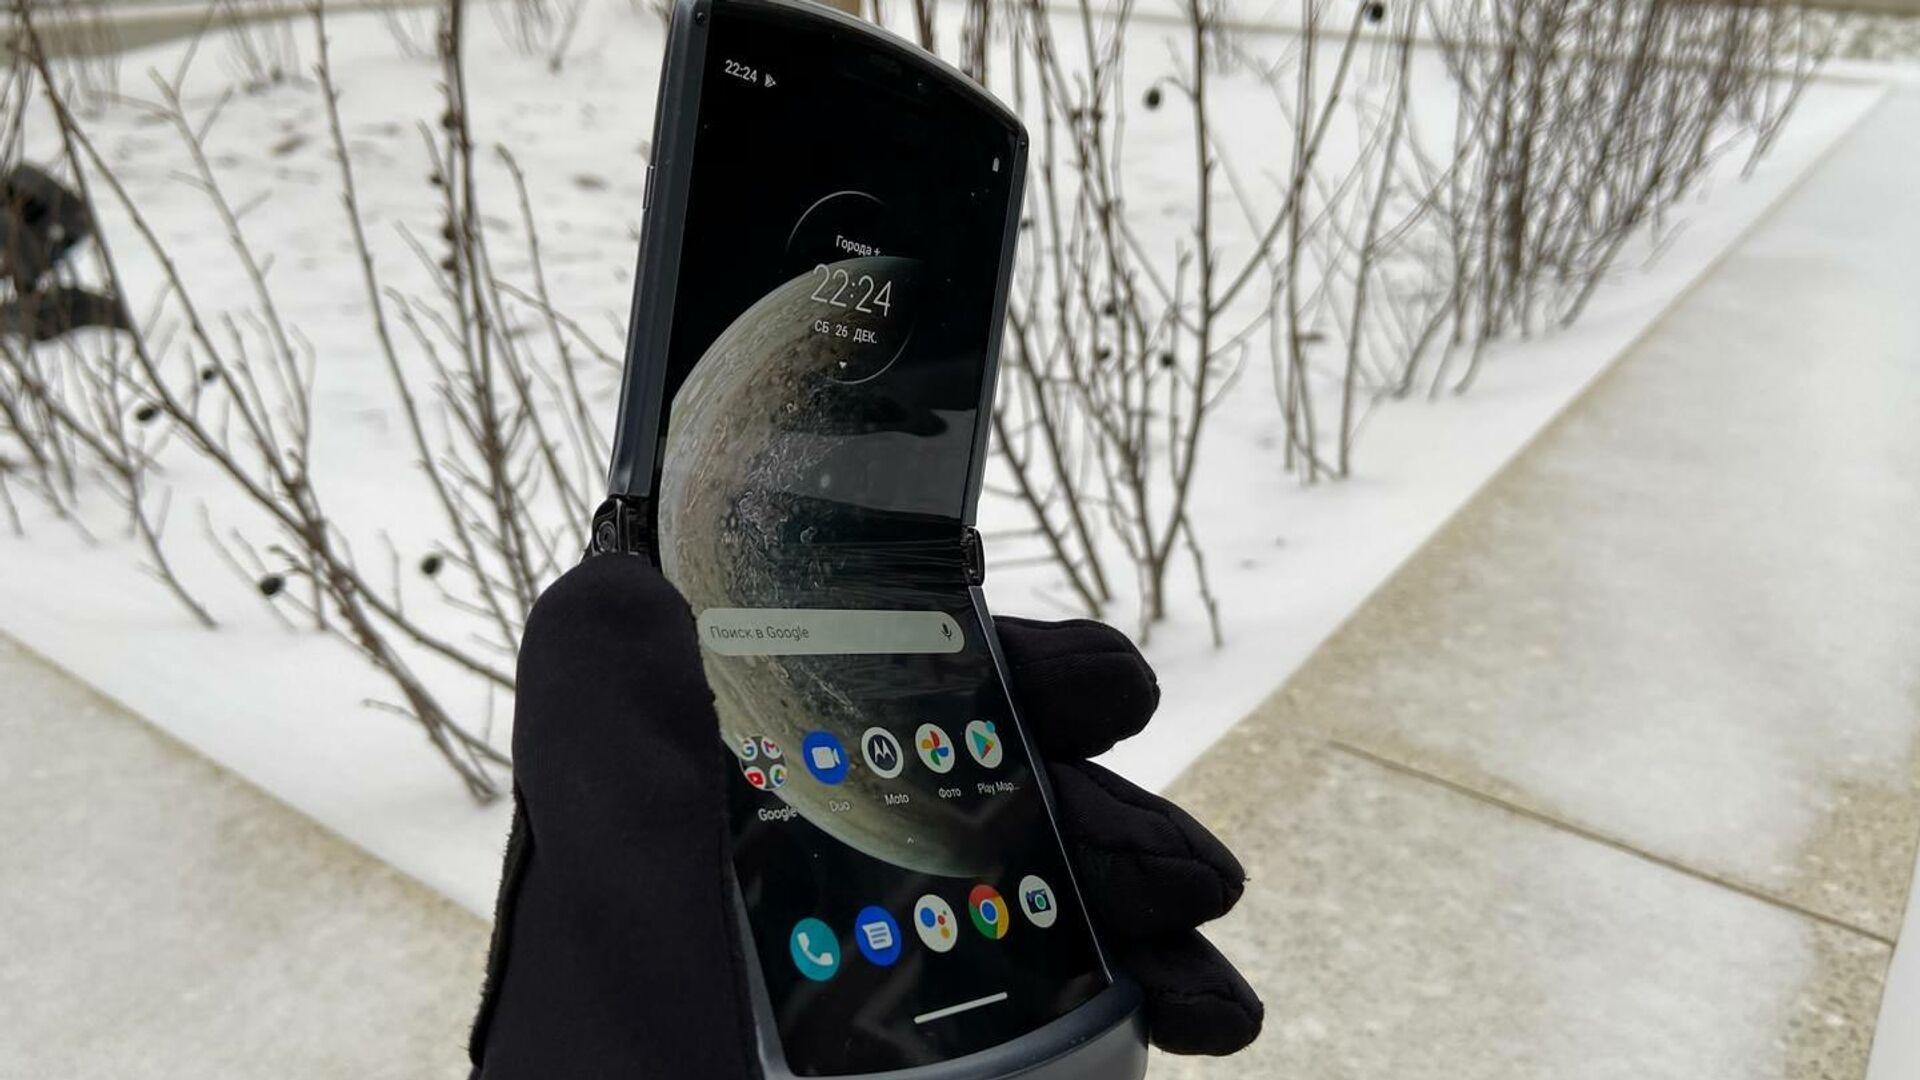 Следующее поколение складных смартфонов станет дешевле